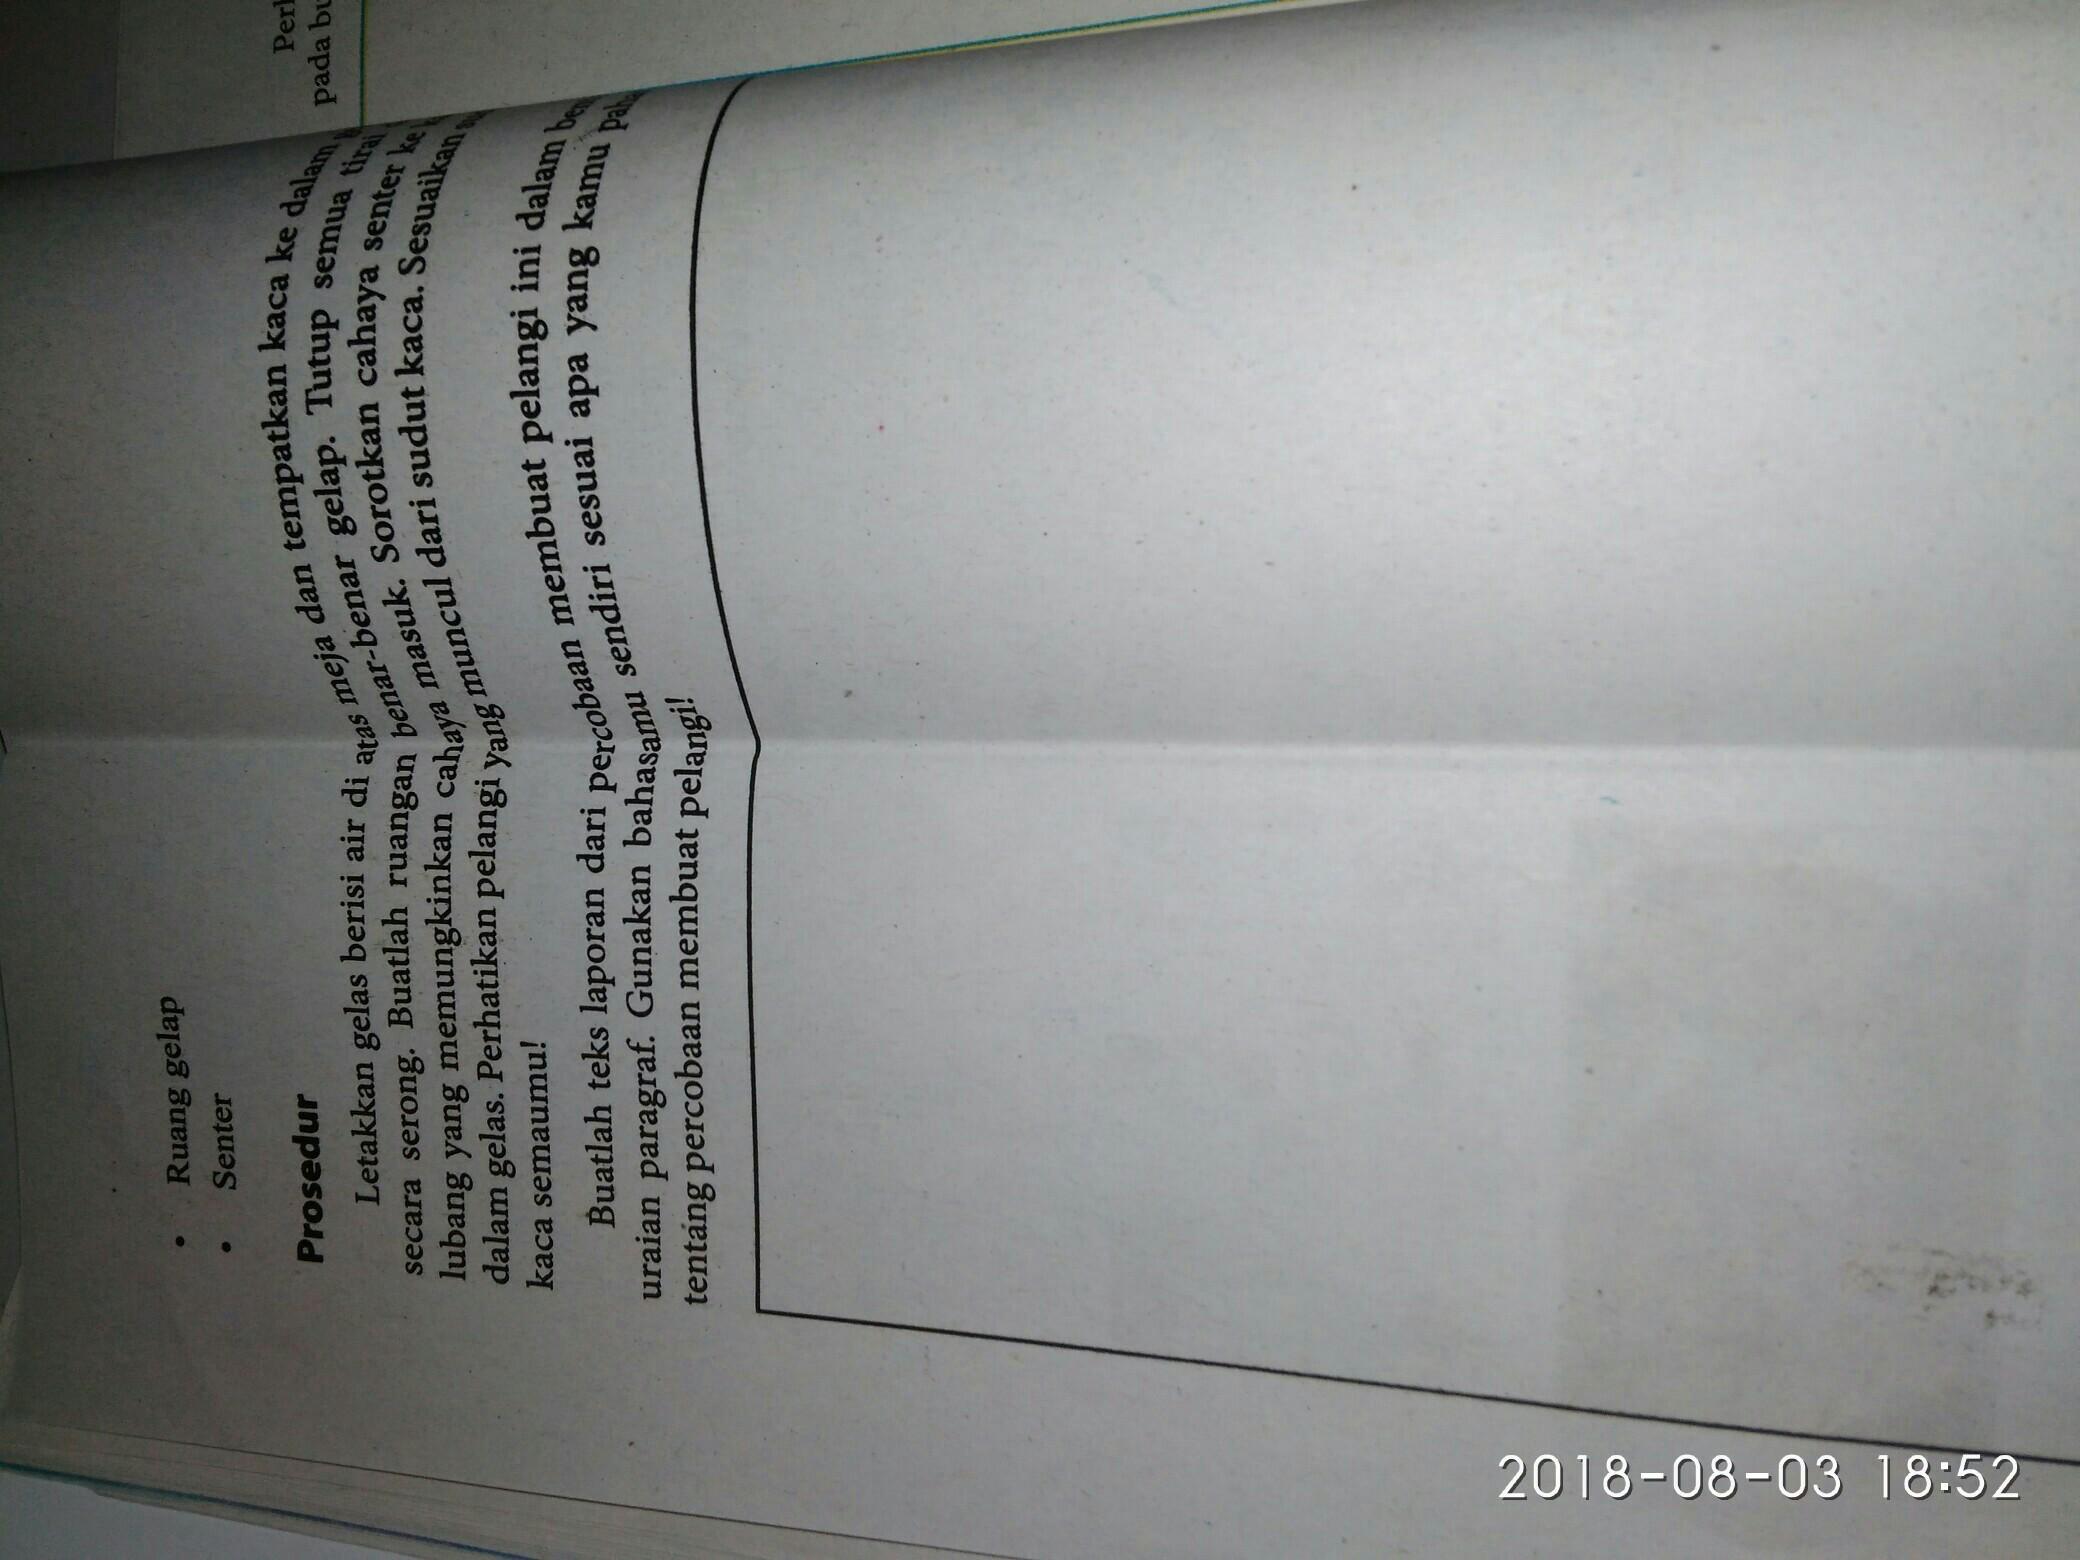 Buatlah Teks Laporan Dari Percobaan Membuat Pelangi Ini Dalam Bentuk Uraian Paragraf Gunakan Brainly Co Id